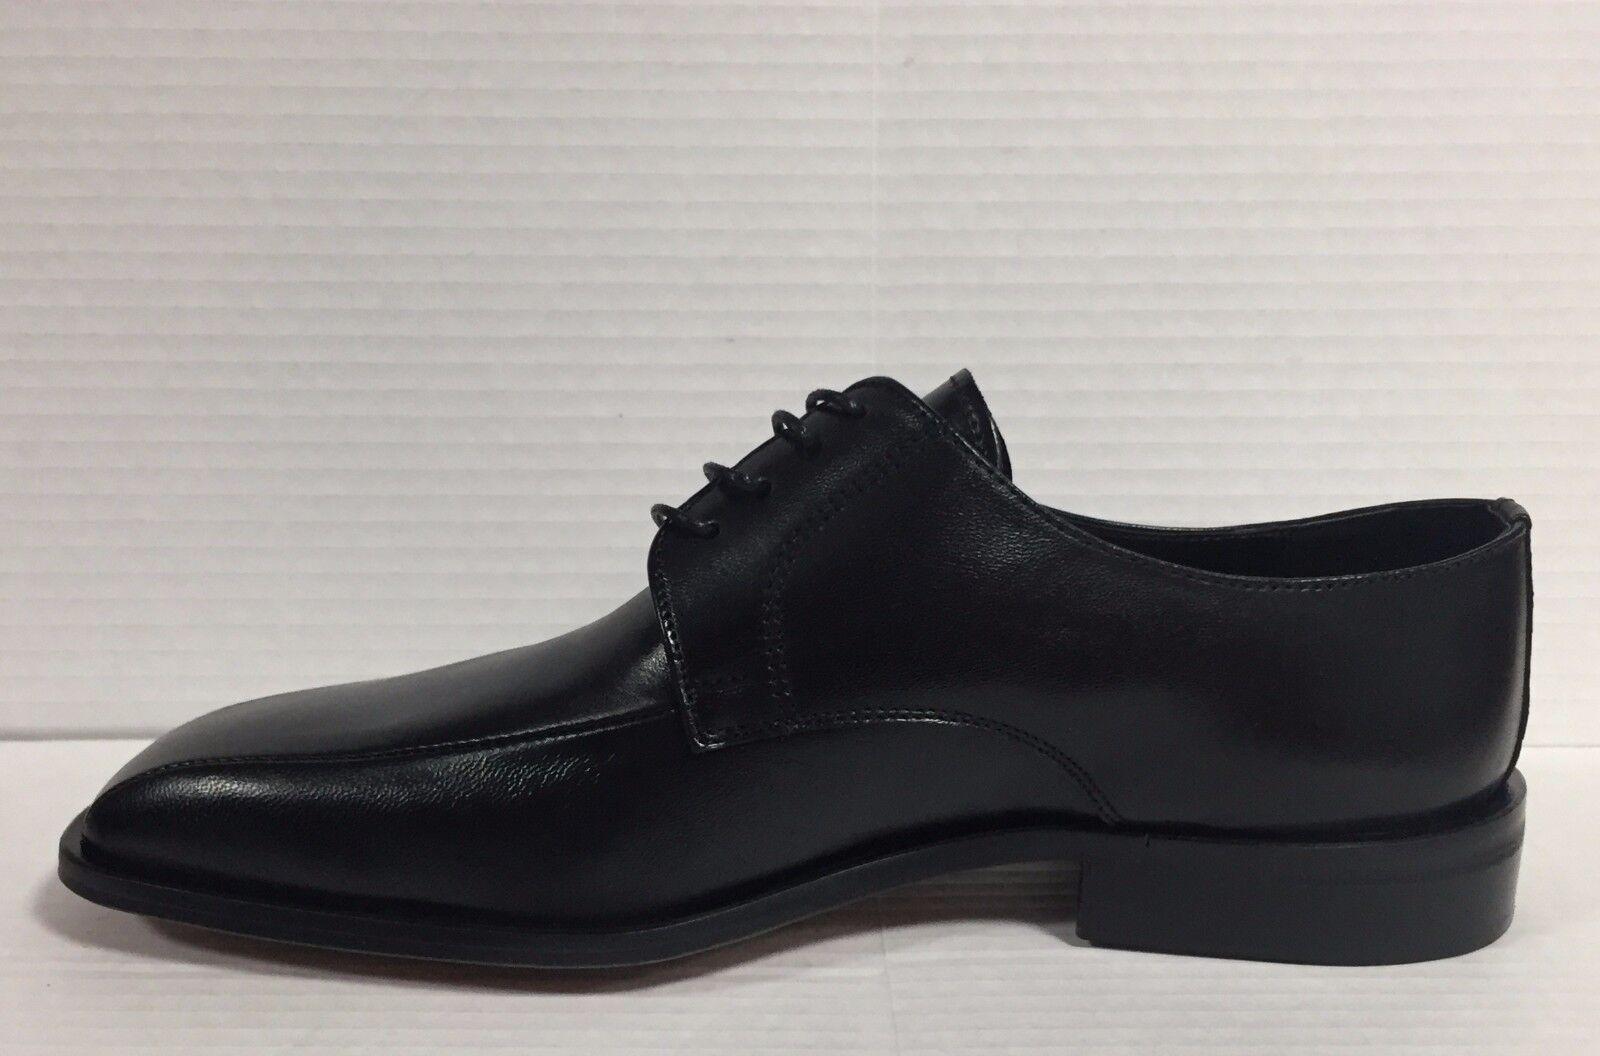 MELL O scarpe uomo in classiche in uomo pelle nero suola in cuoio made in Italy U0662 16e1bc